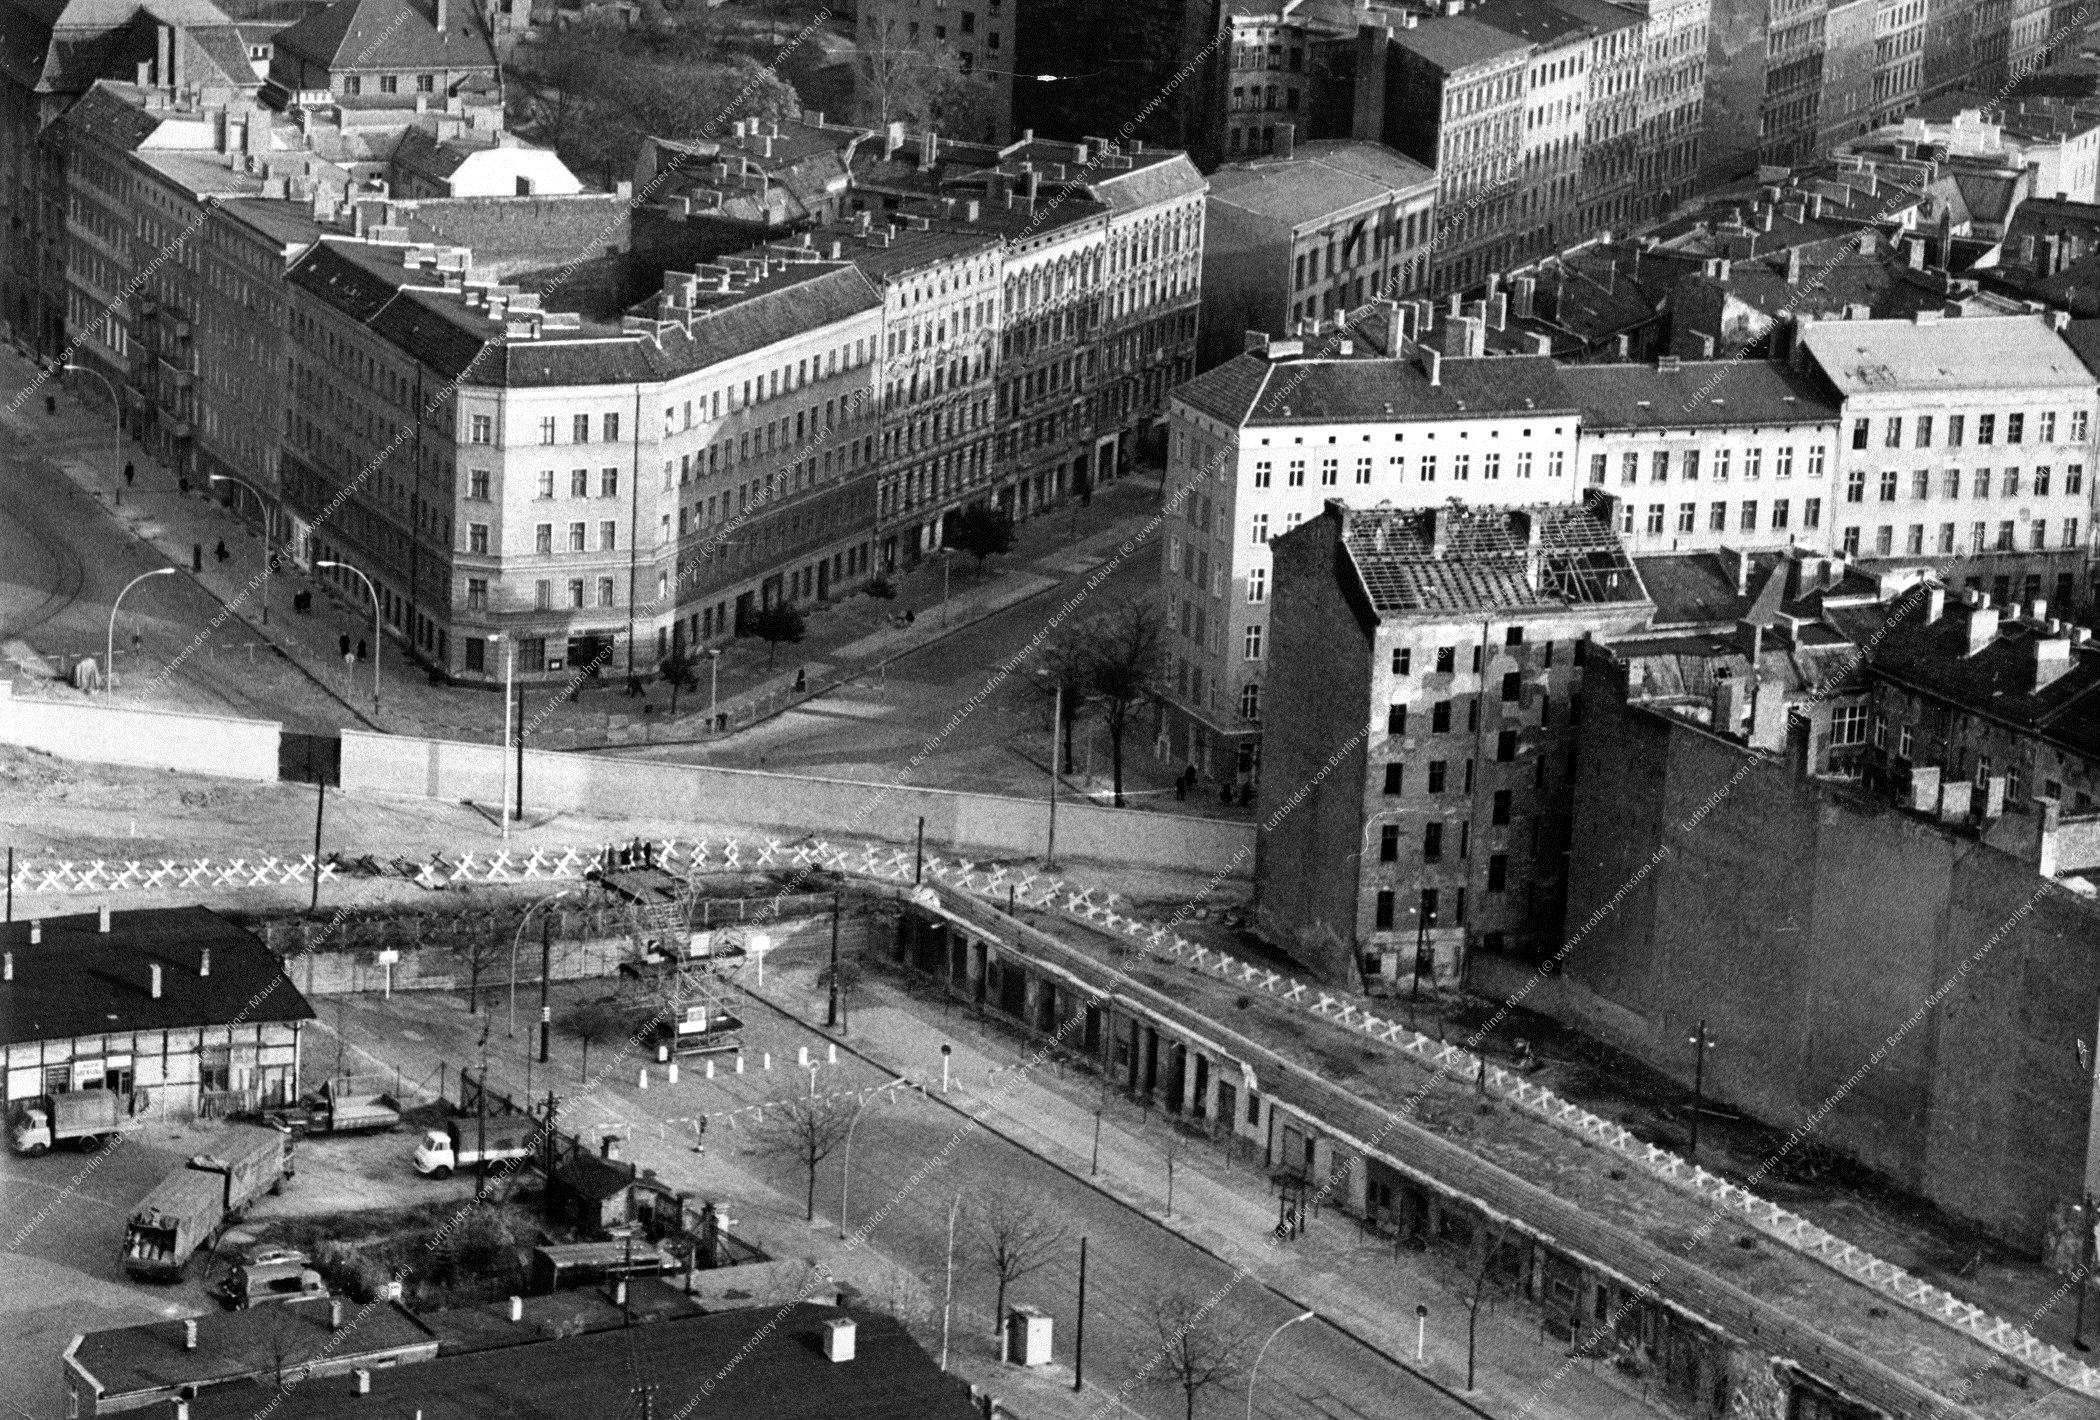 Berlin Luftbild Bernauer Straße, Schwedter Straße und Oderberger Straße vom 11. August 1968 (Bild 046)